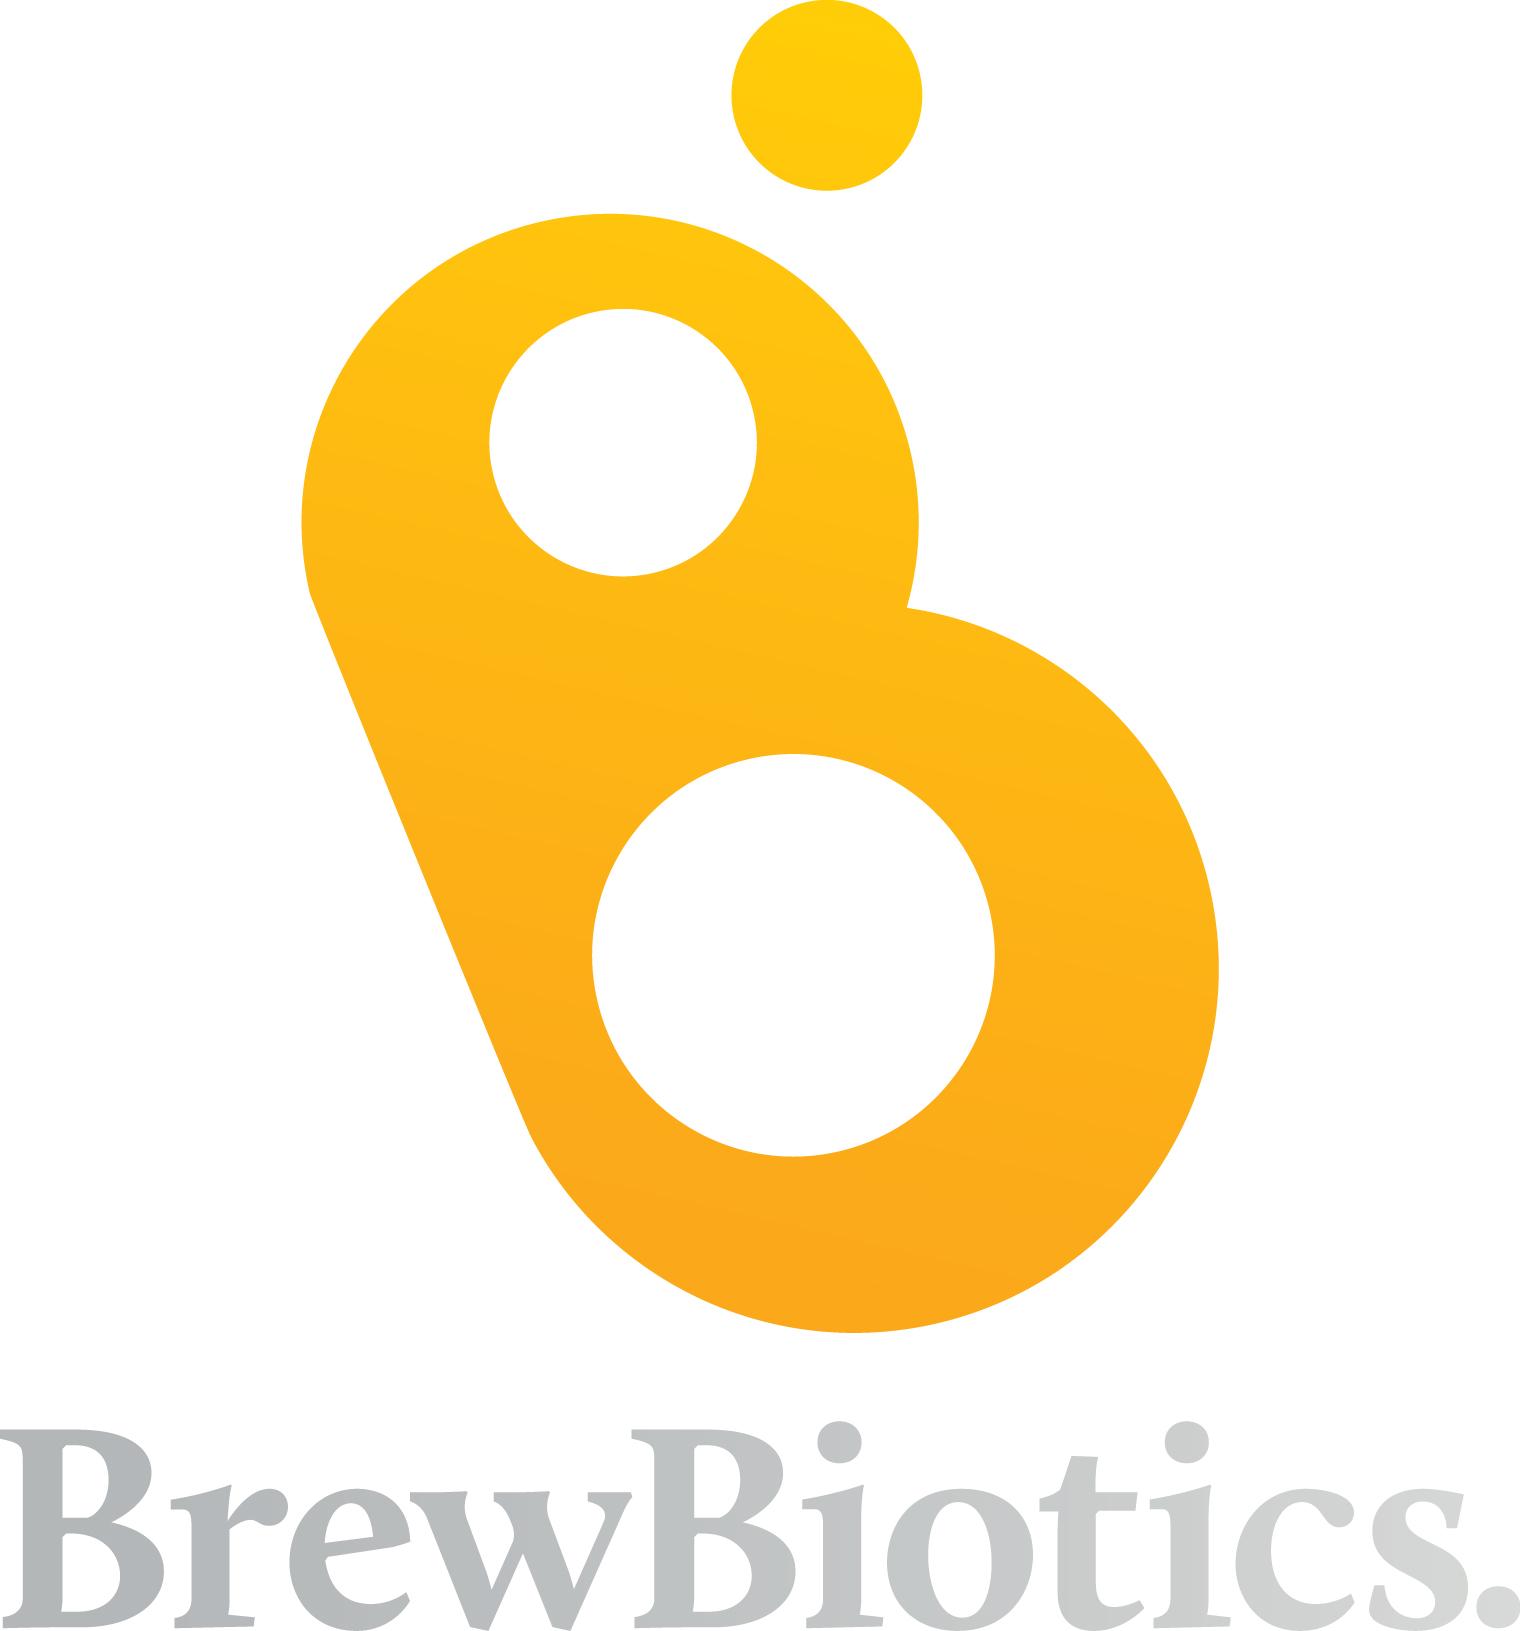 Brewbiotics